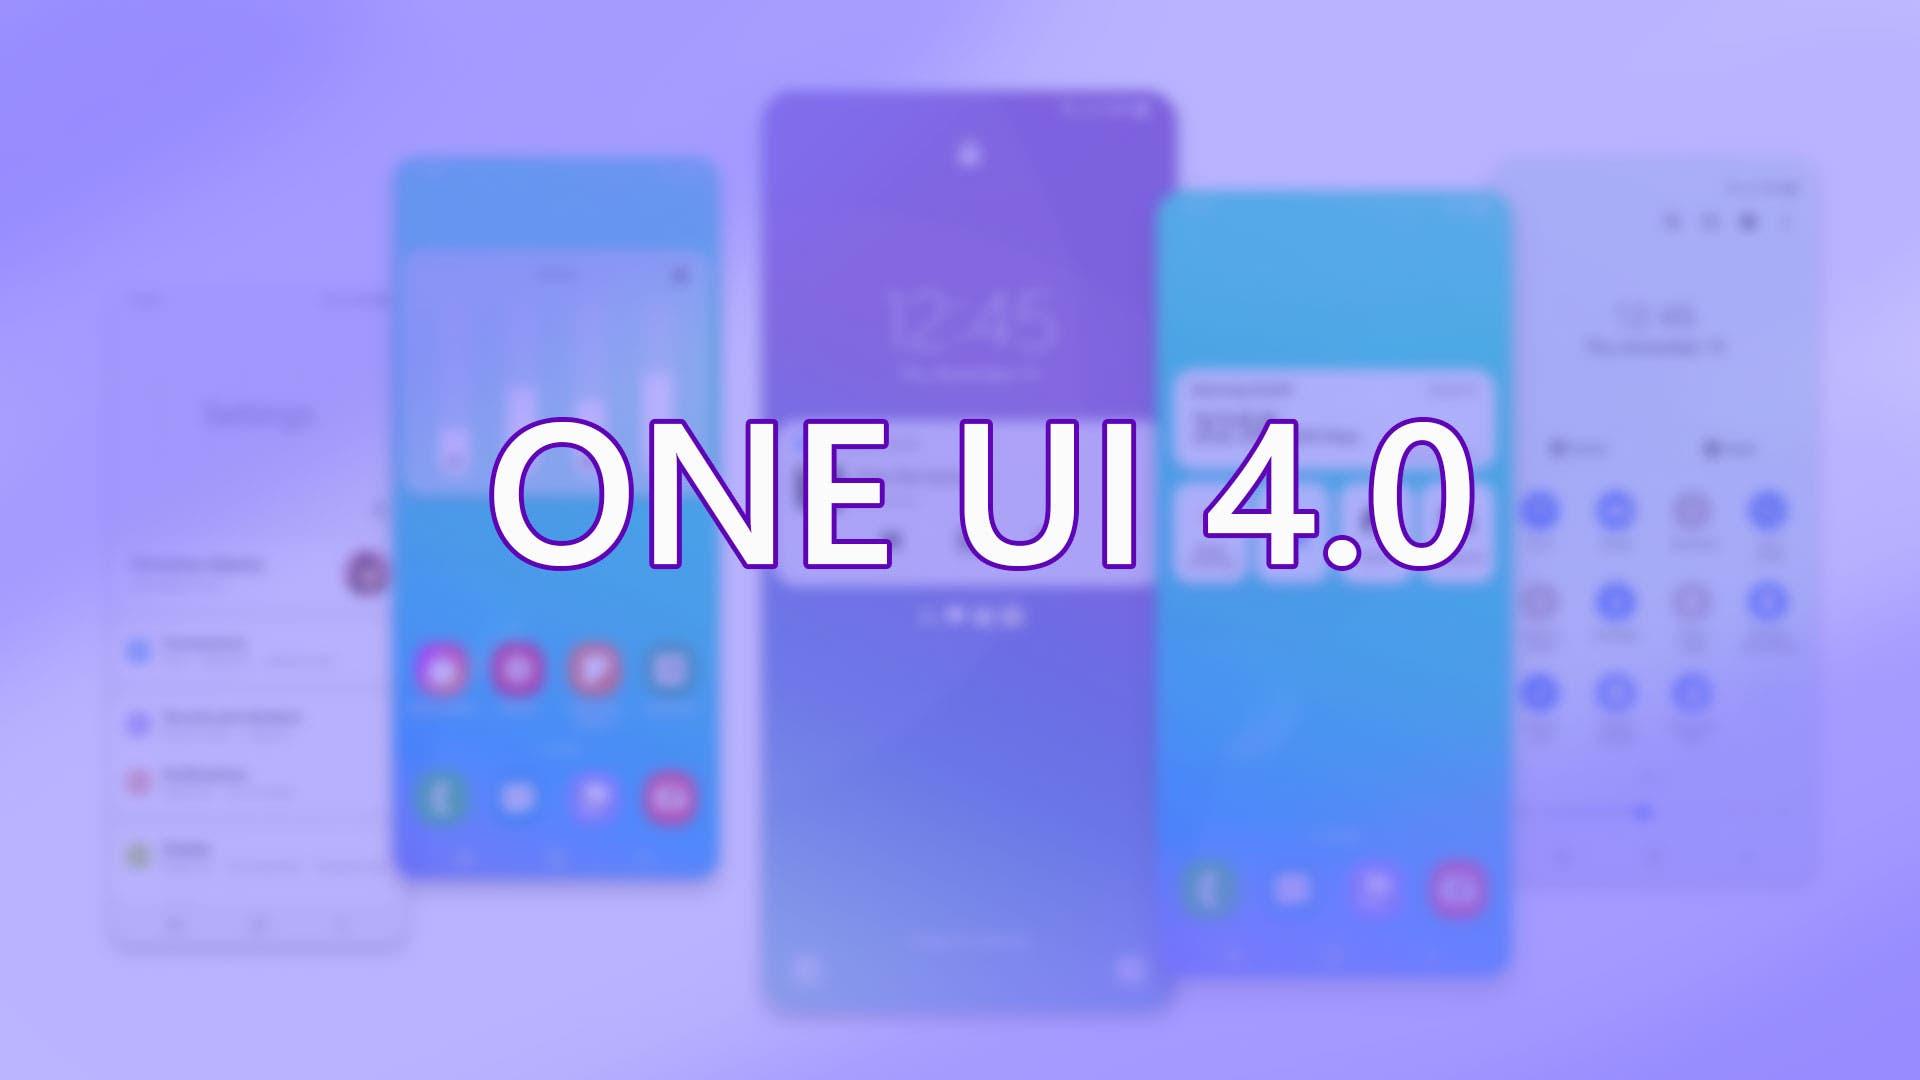 One UI 4.0 تصل لهاتف Galaxy S21 بنهاية العام - النسخة التجريبية متوفرة الآن